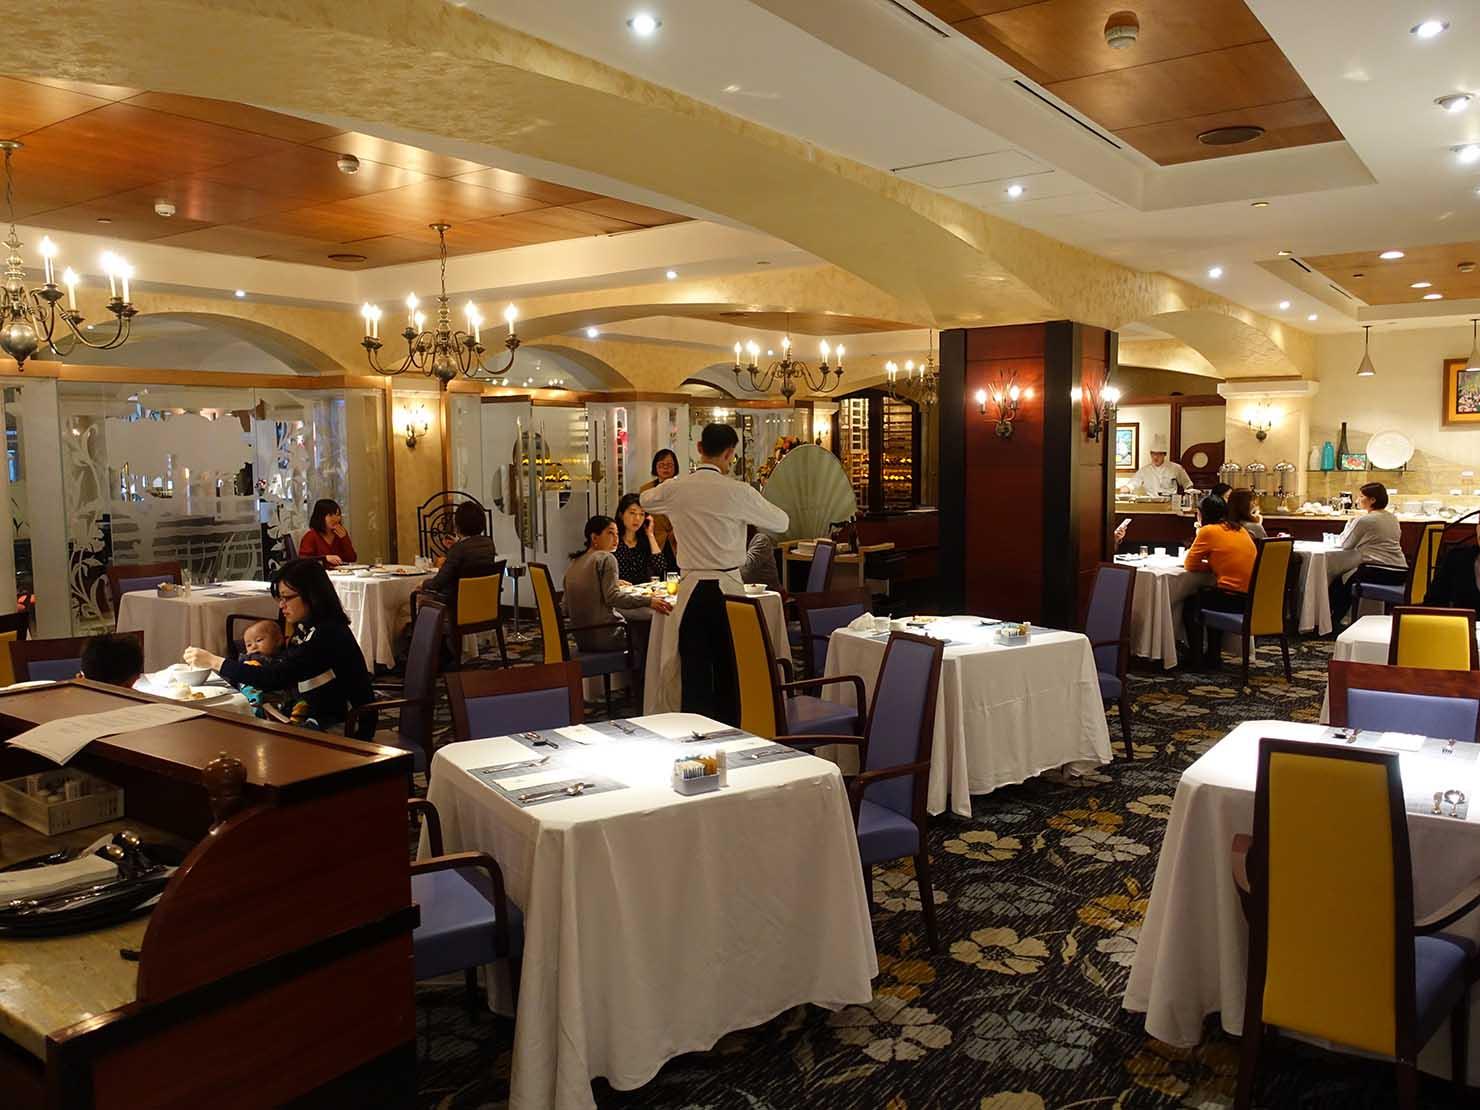 台北のおすすめ4つ星ホテル「歐華酒店(リビエラホテル)」内のレストラン